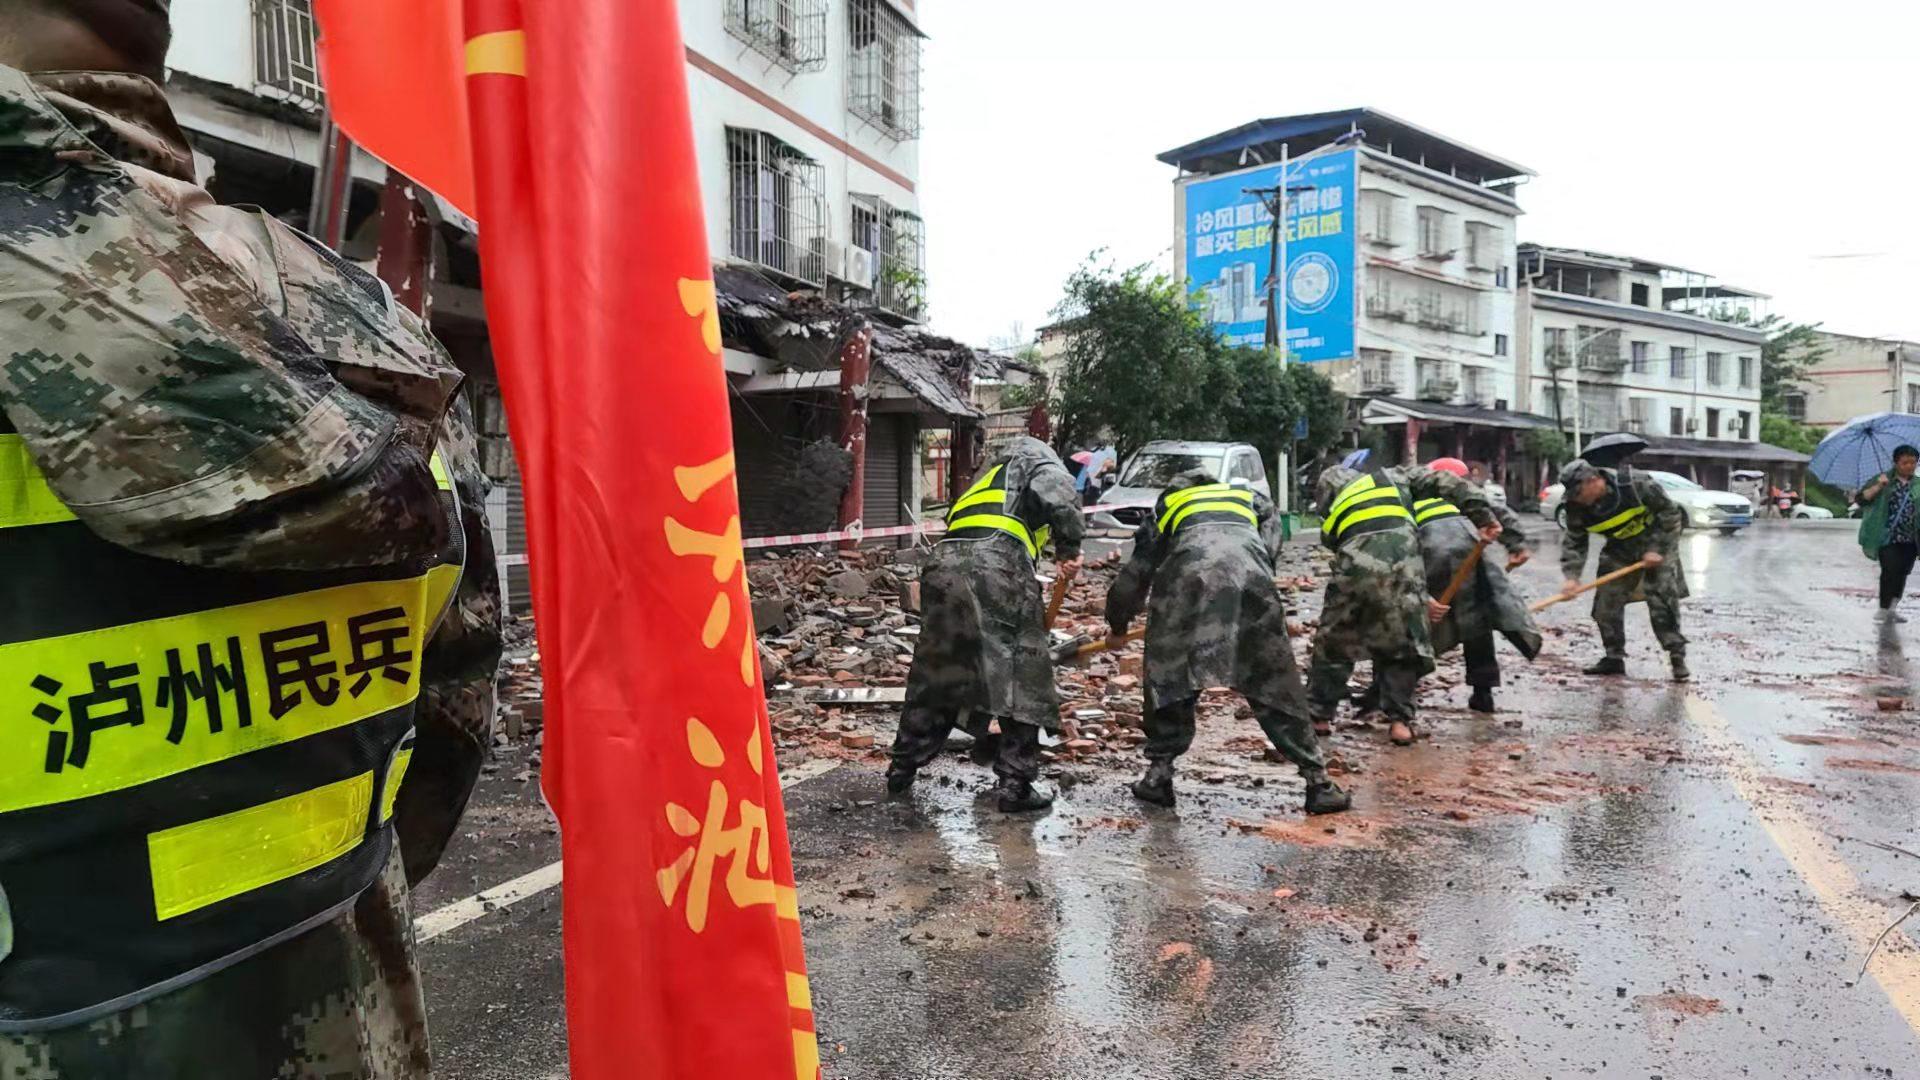 Szecsuanban földrengés volt, hétezer embert evakuáltak